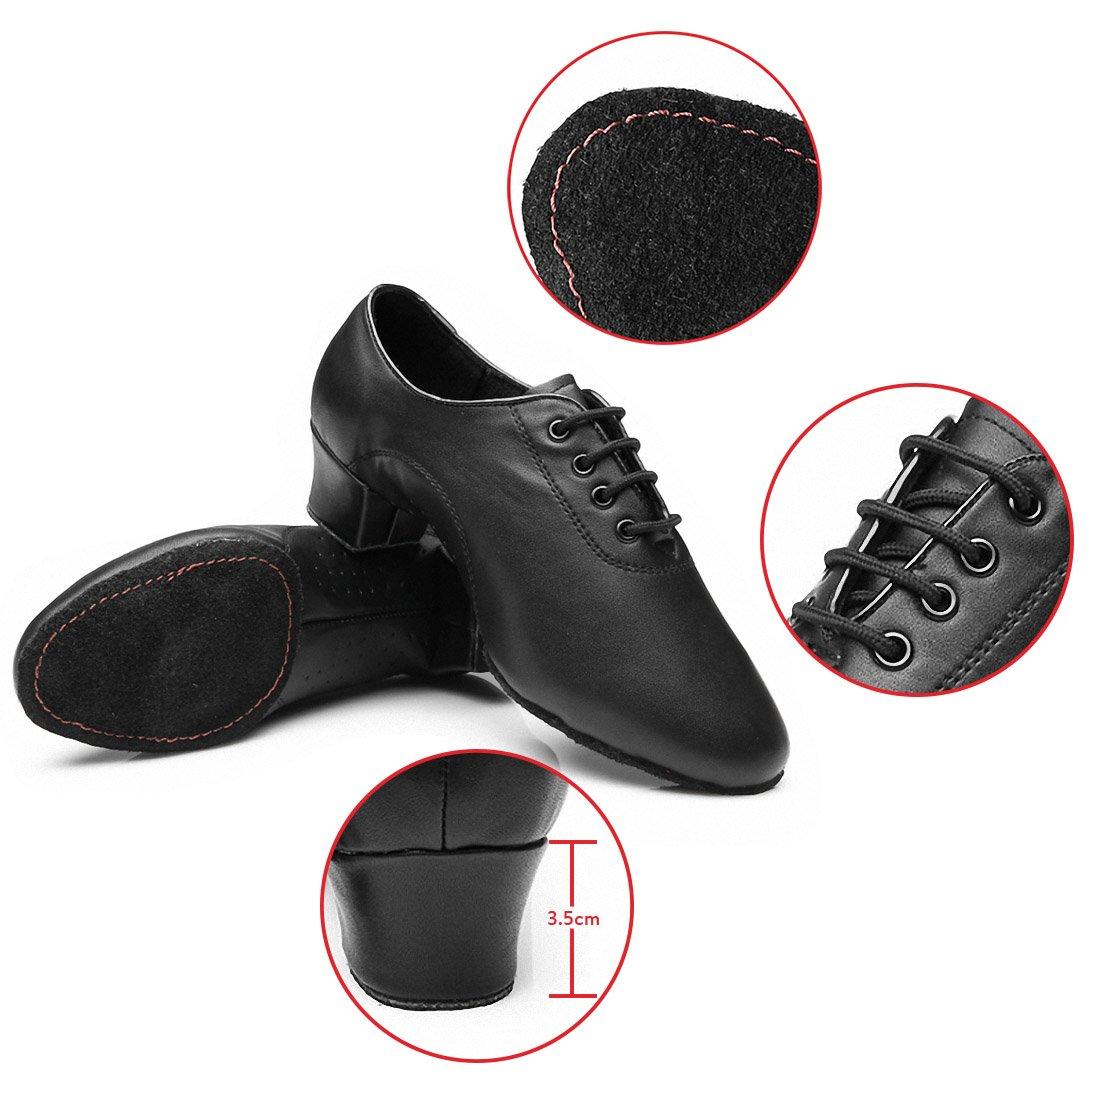 MQ Hombres de Jazz Latina Zapatos de Baile Negro Suave Parte Inferior Zapatos de Baile Moderno Zapatos de Baile 44,5 EU Hombre